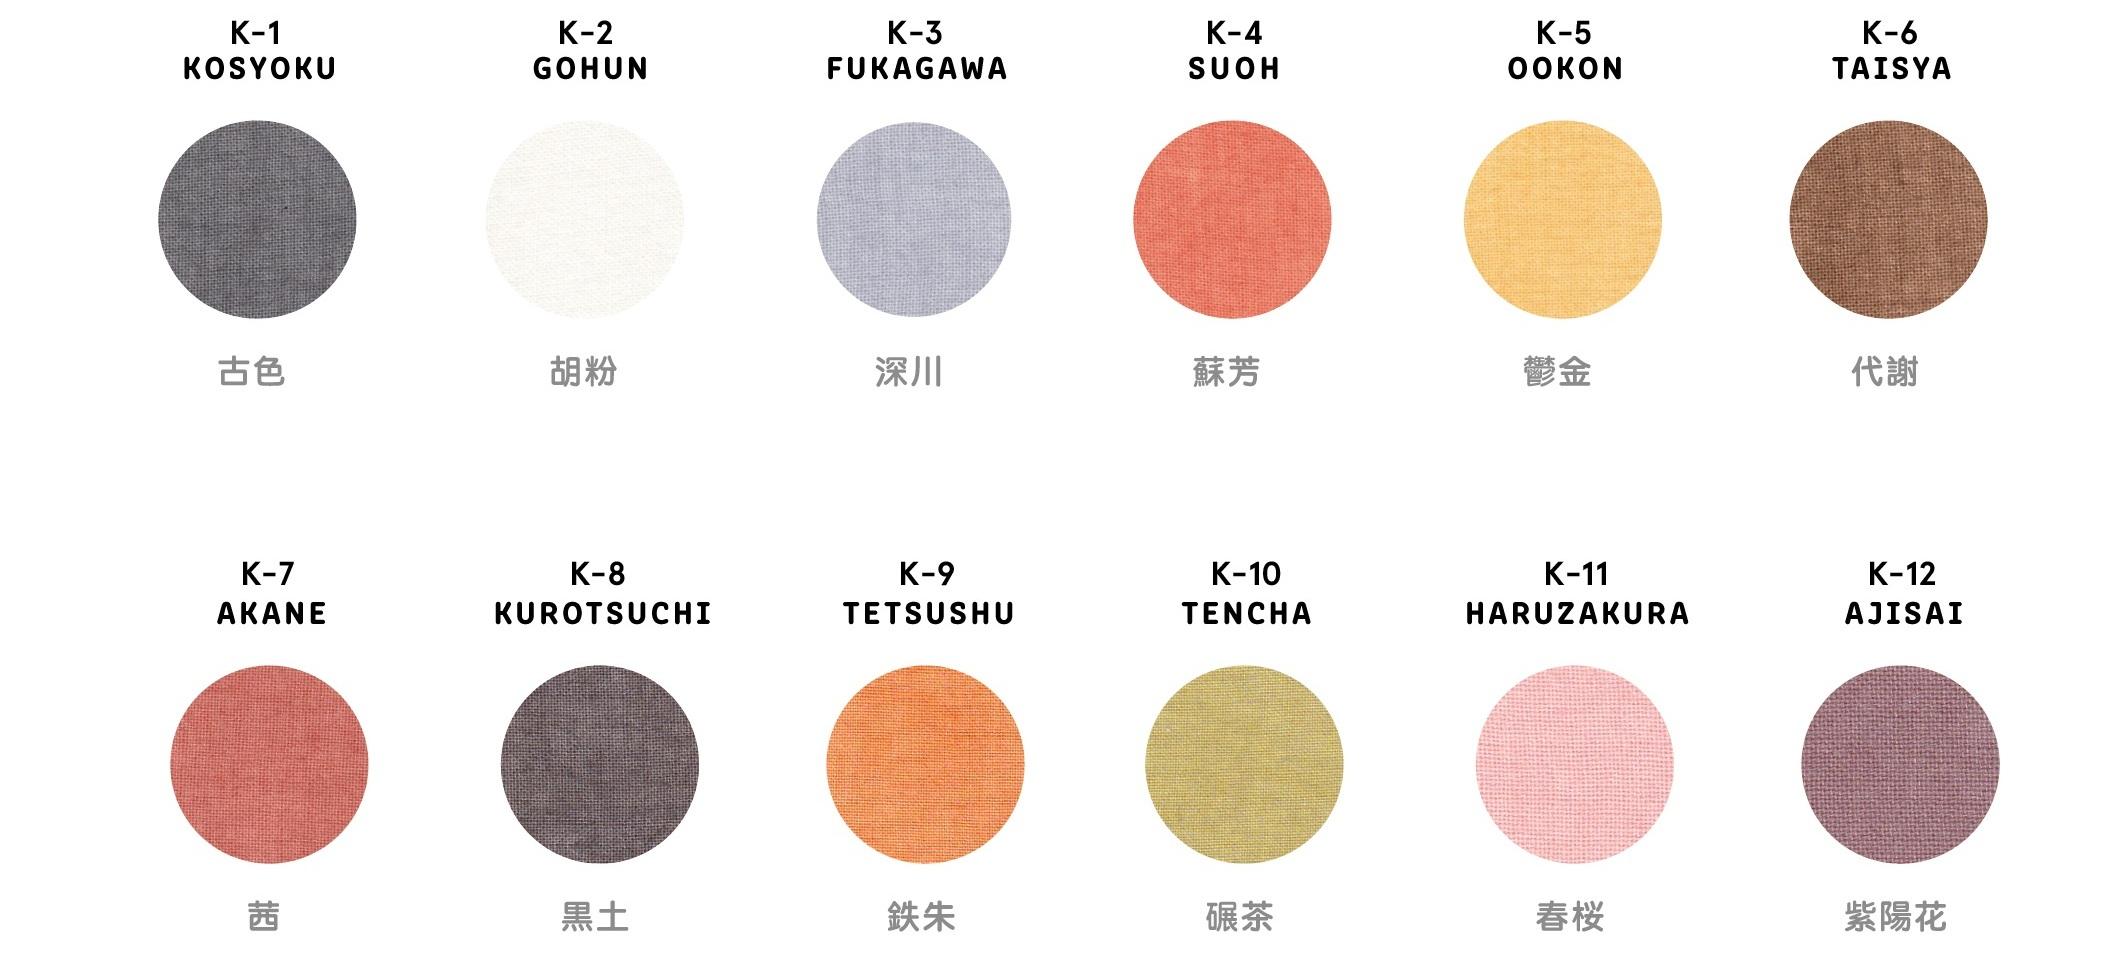 colors+chart.jpg